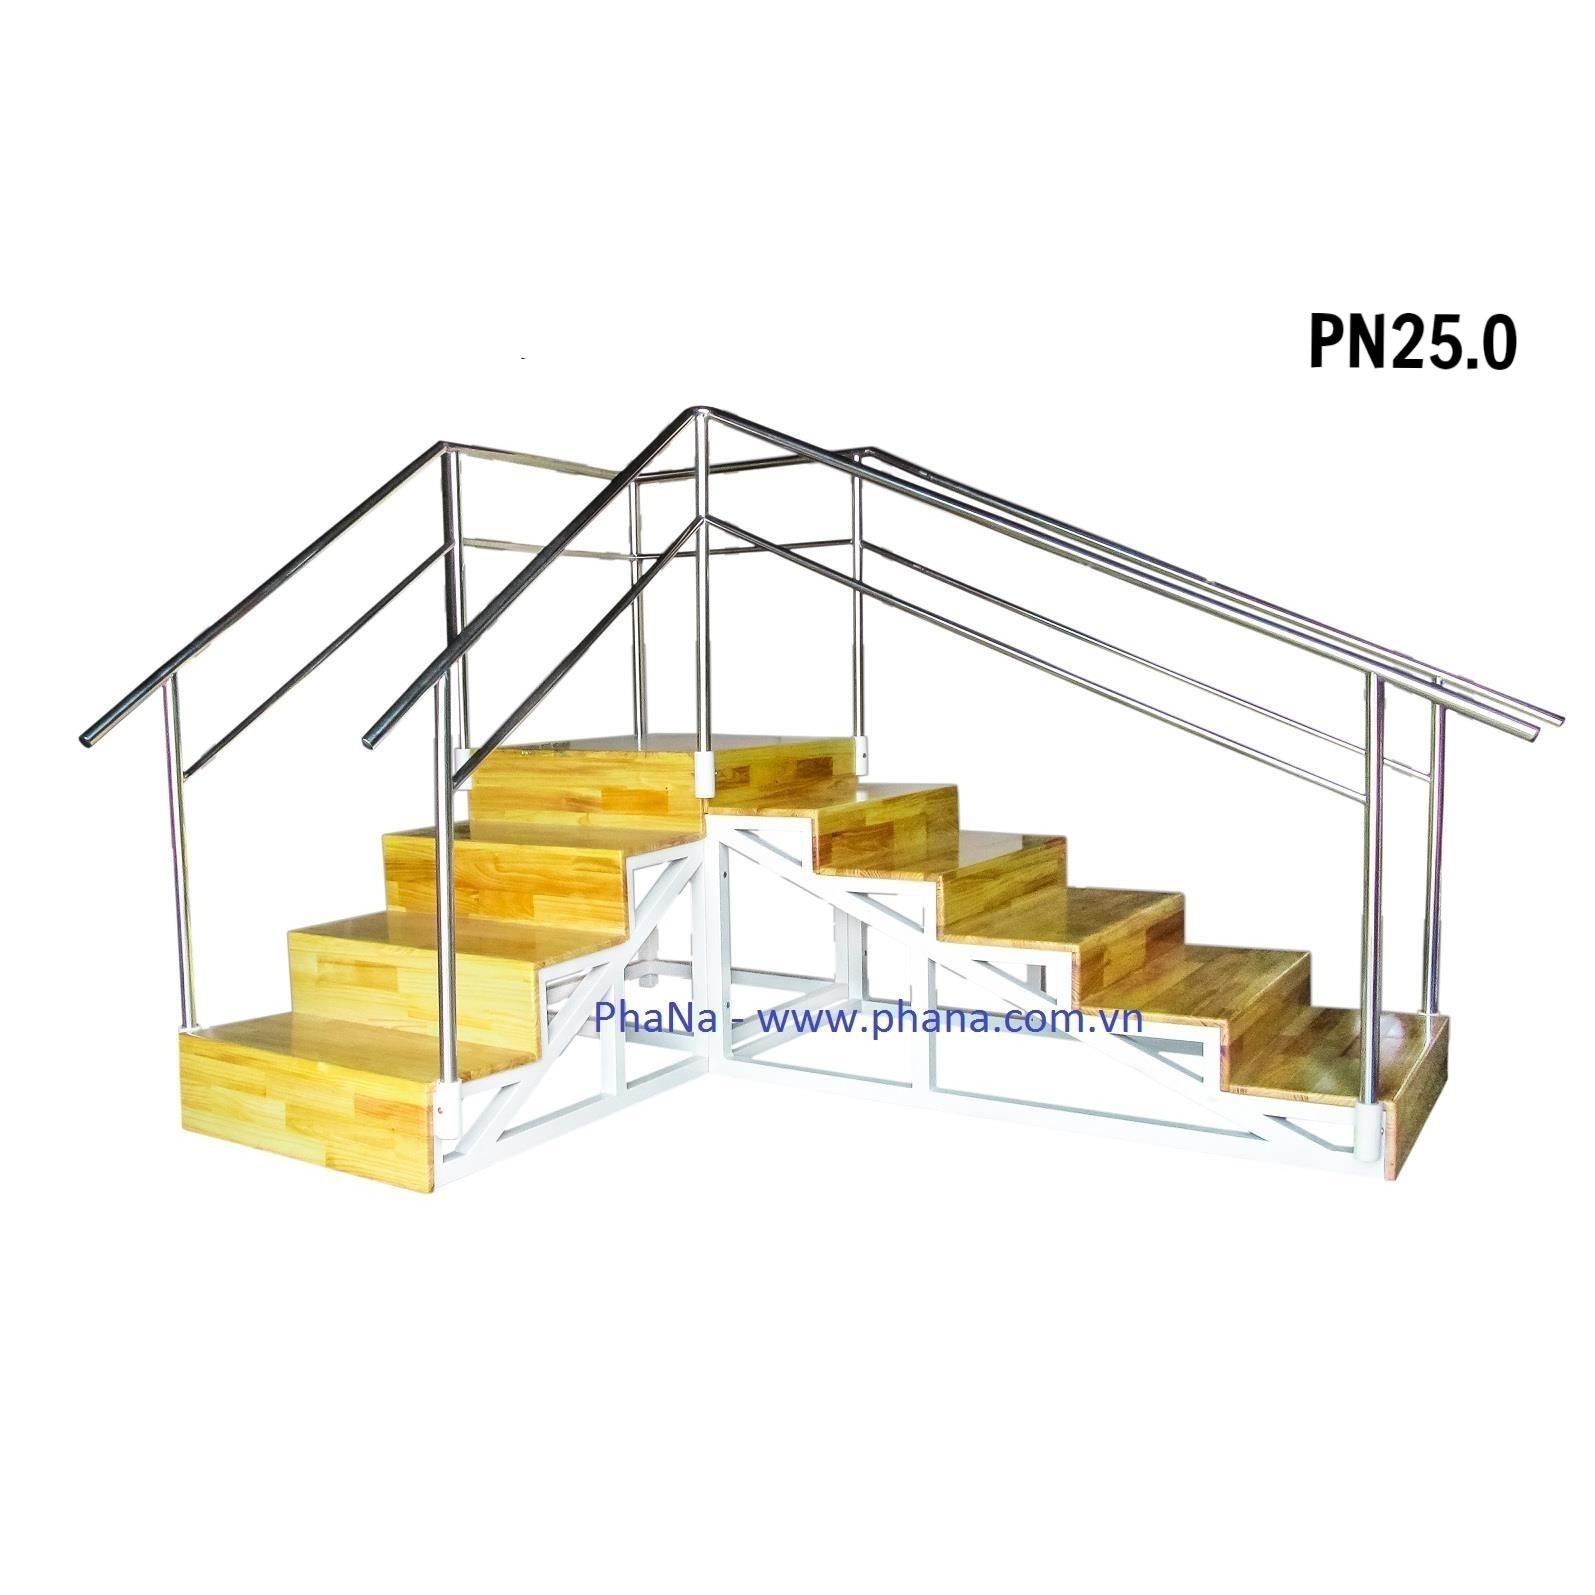 PN25.0 - Cầu thang tập đi